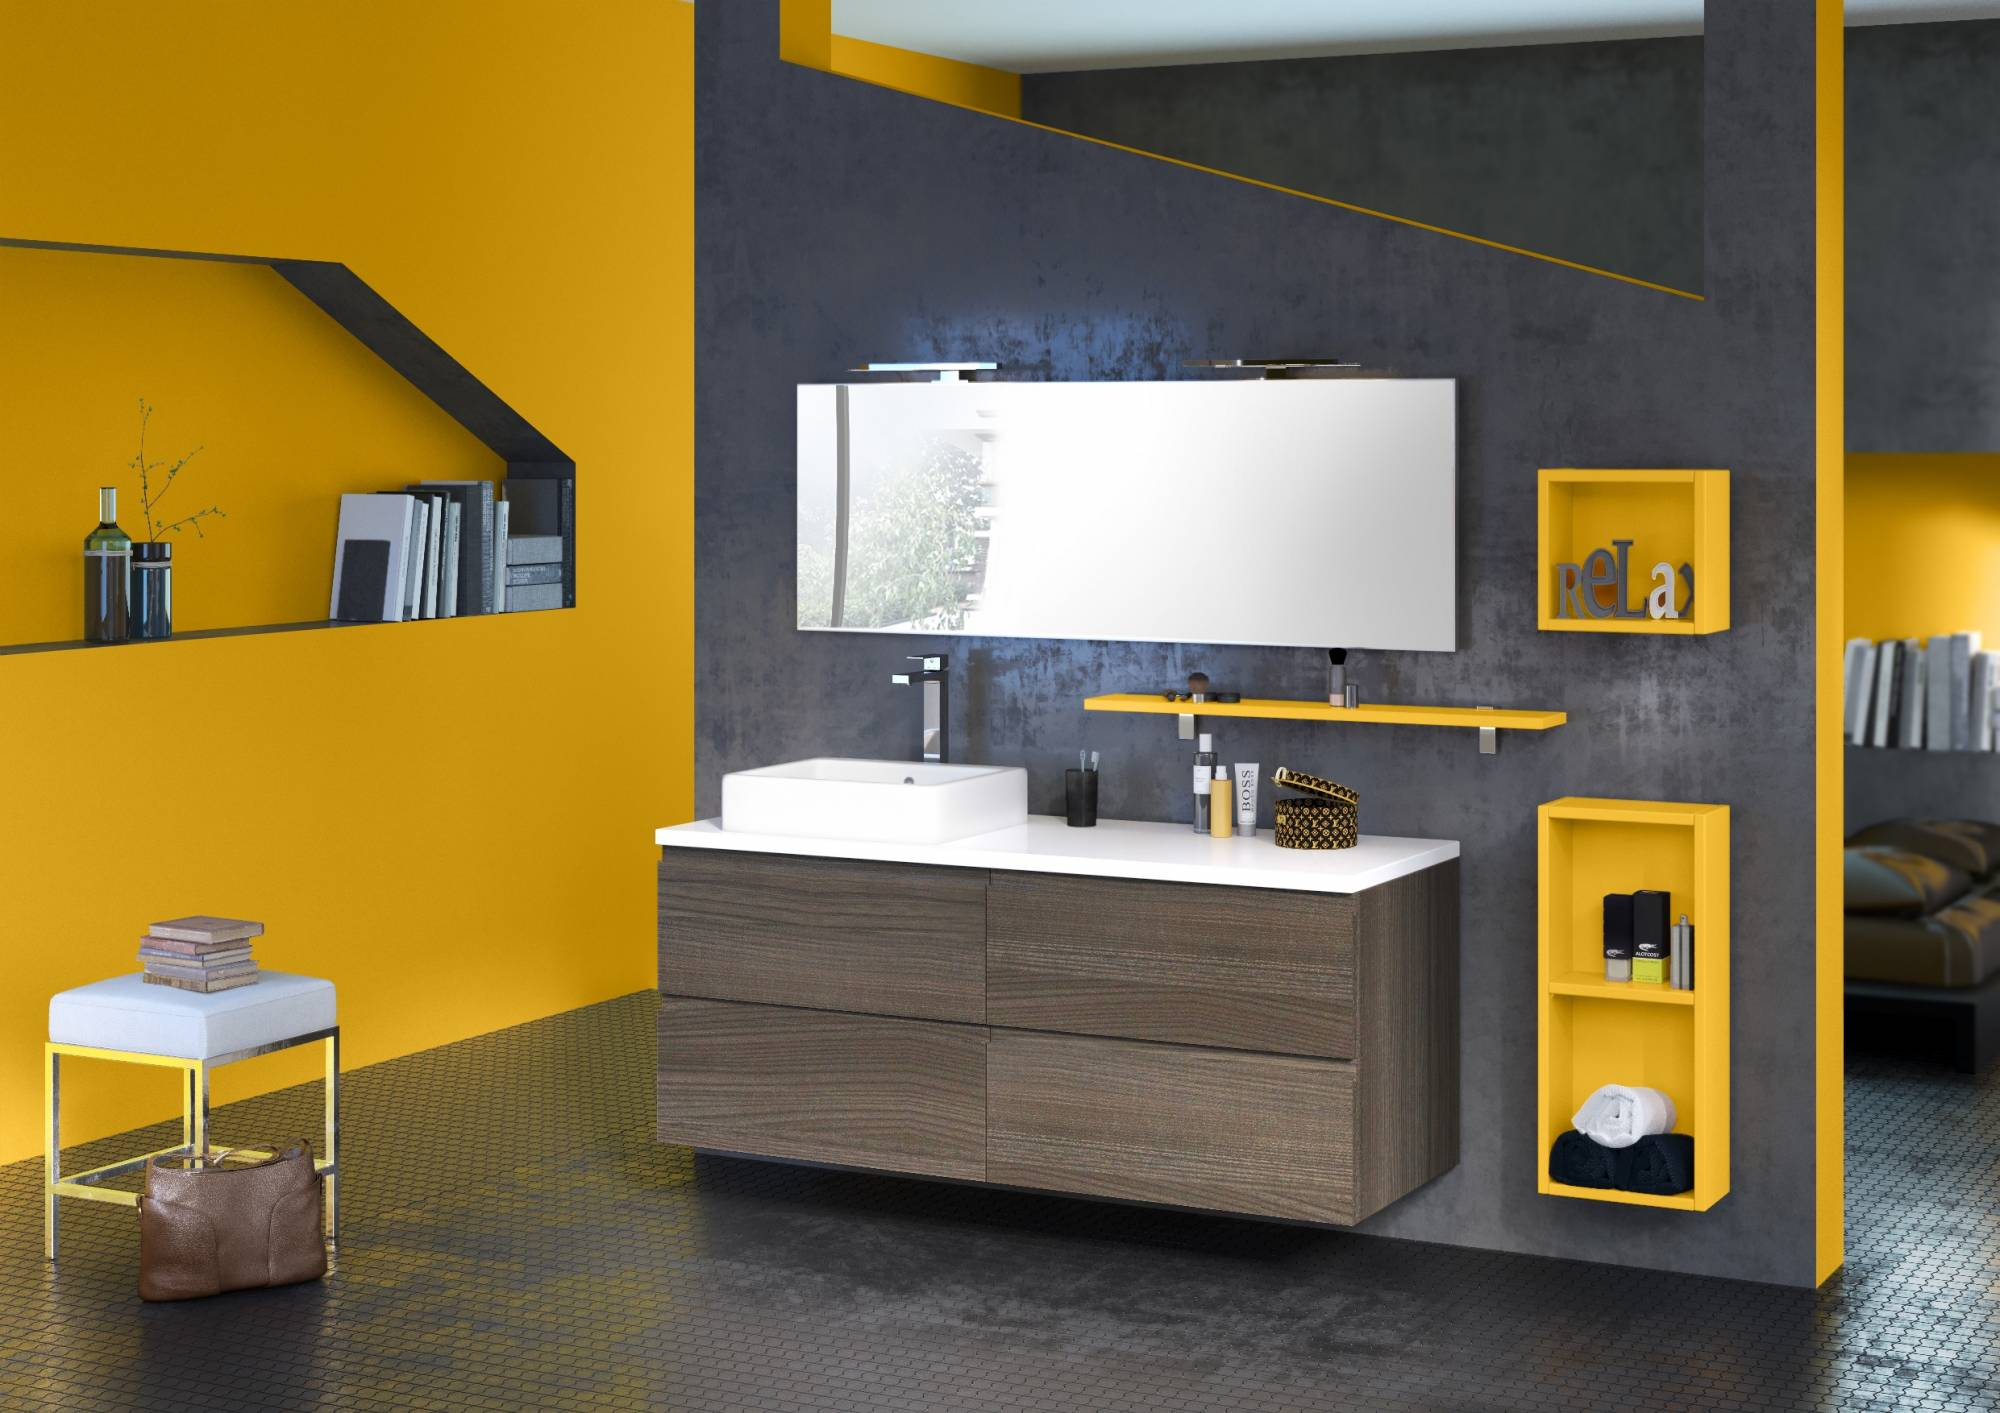 Vente de meuble suspendu pour salle de bains loft eguilles for Meubles salle de bain suspendu